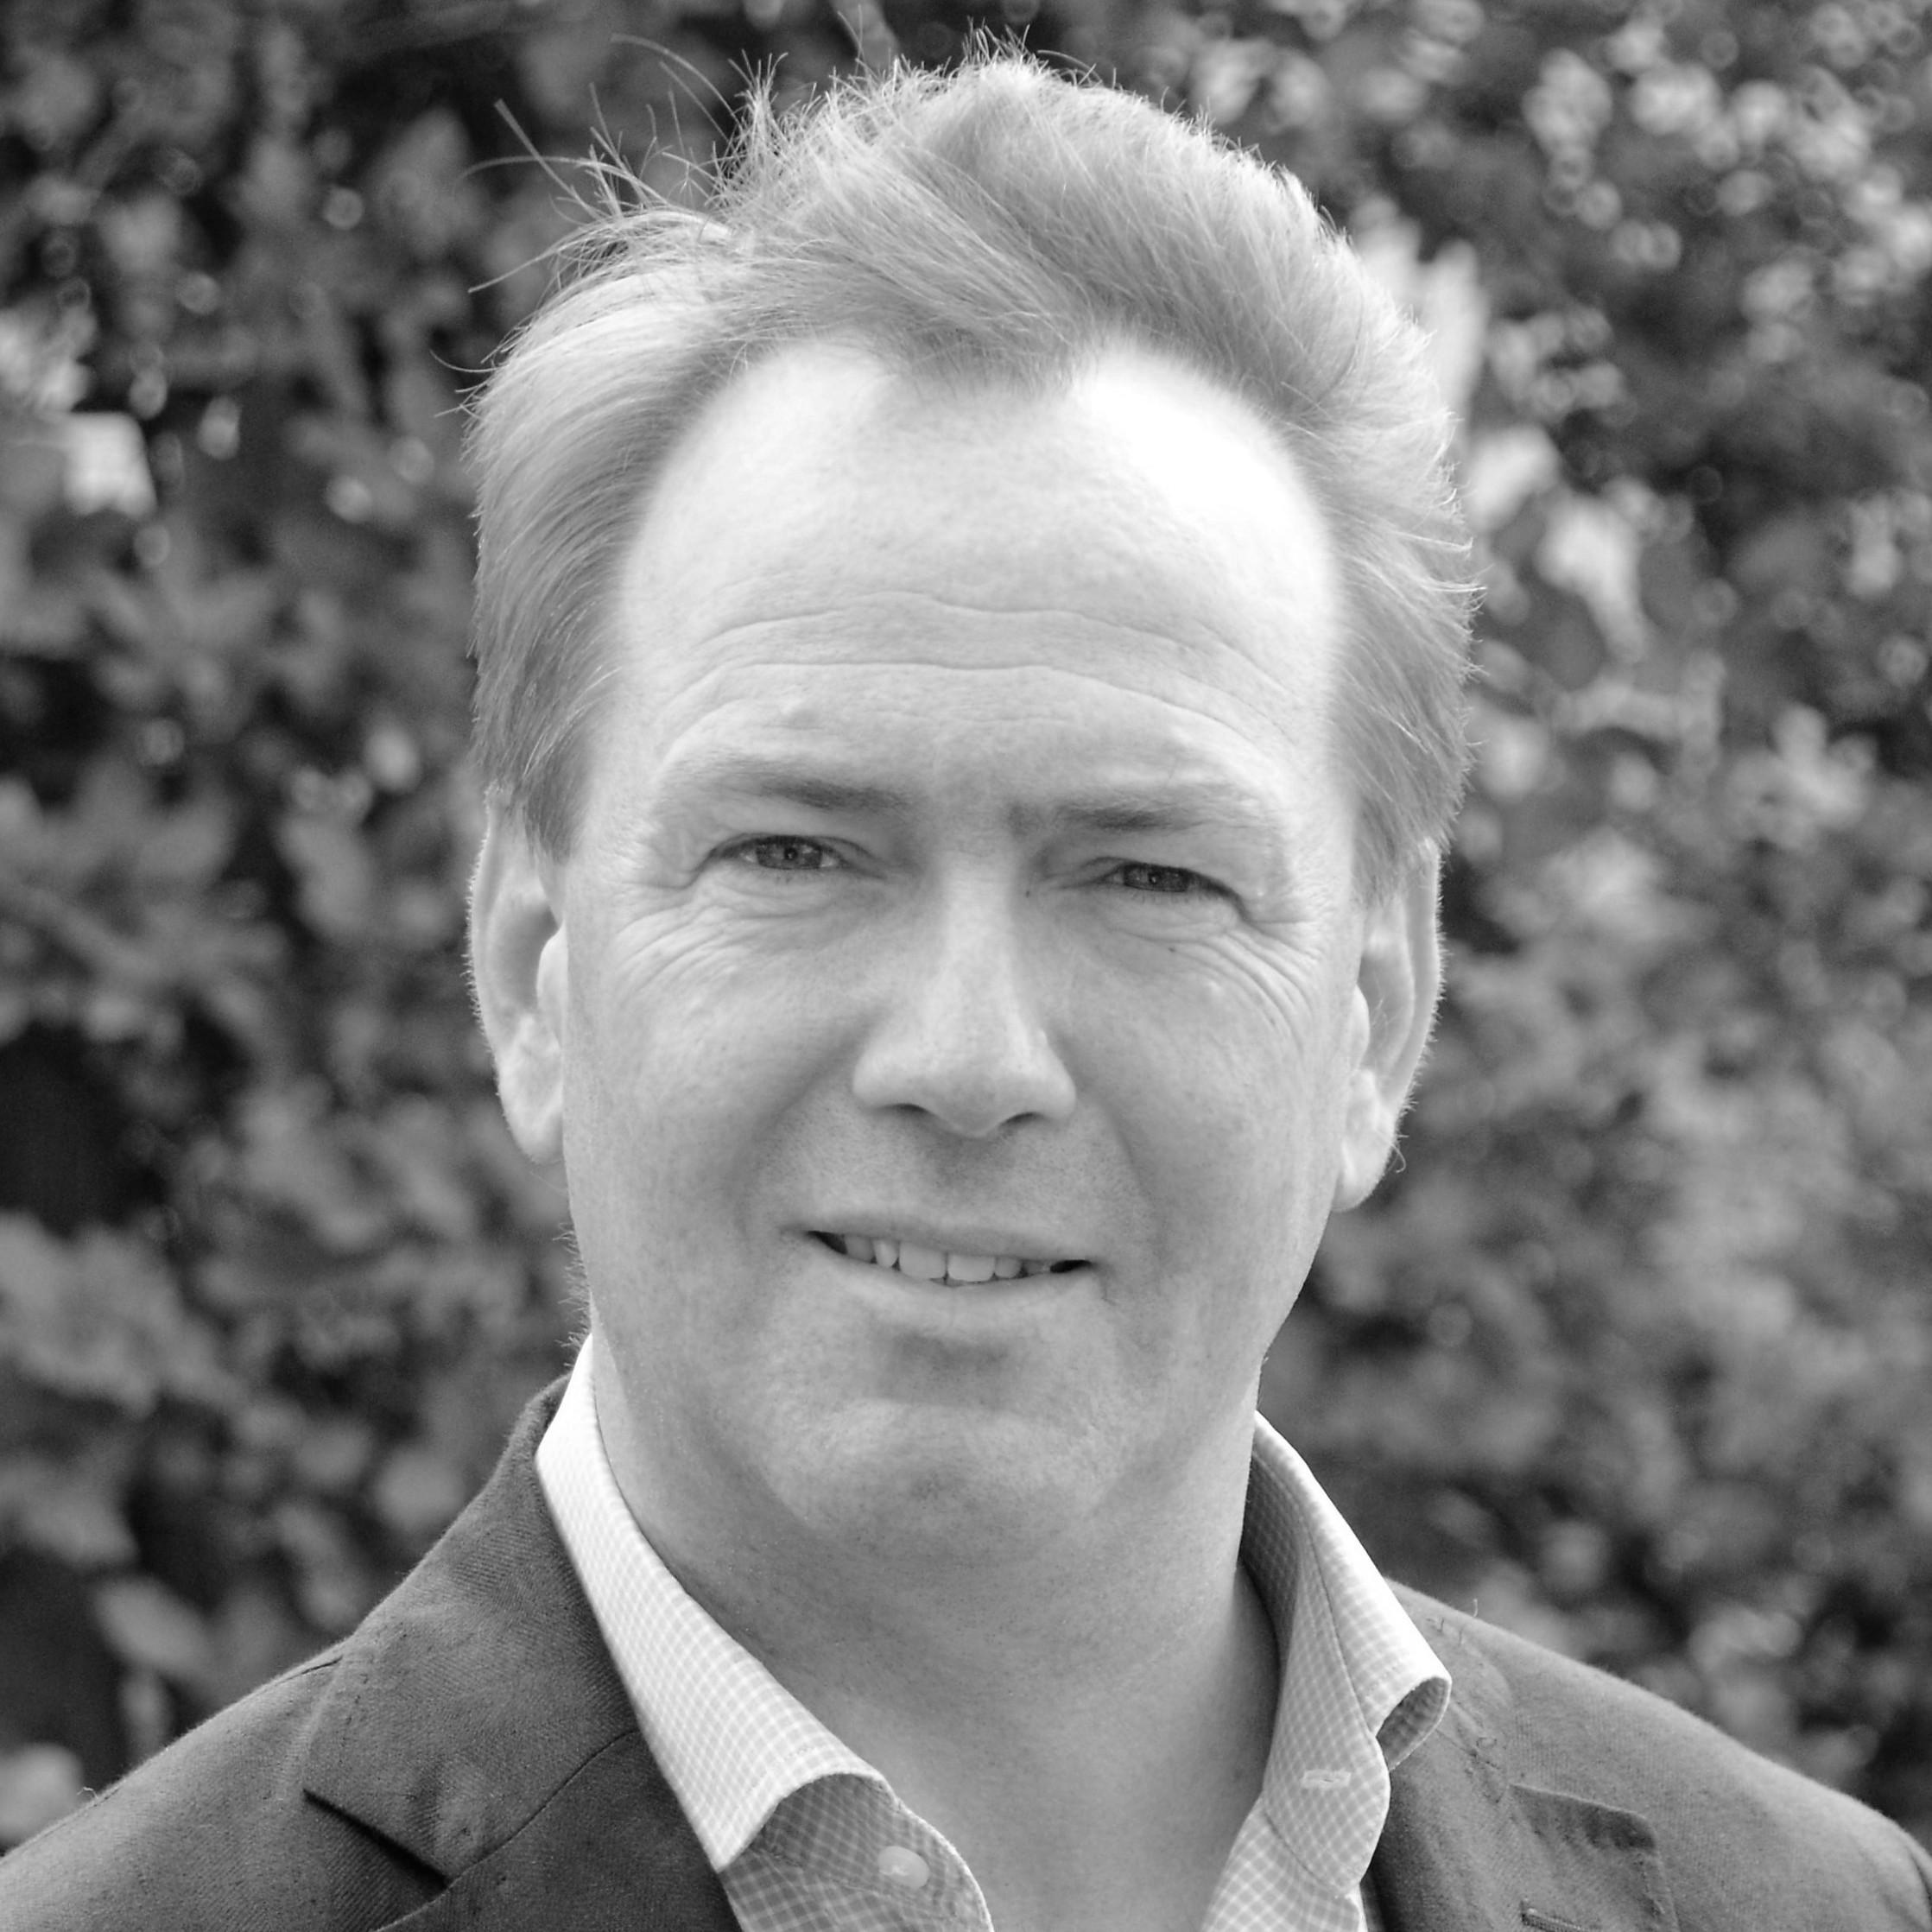 Didier Bennert